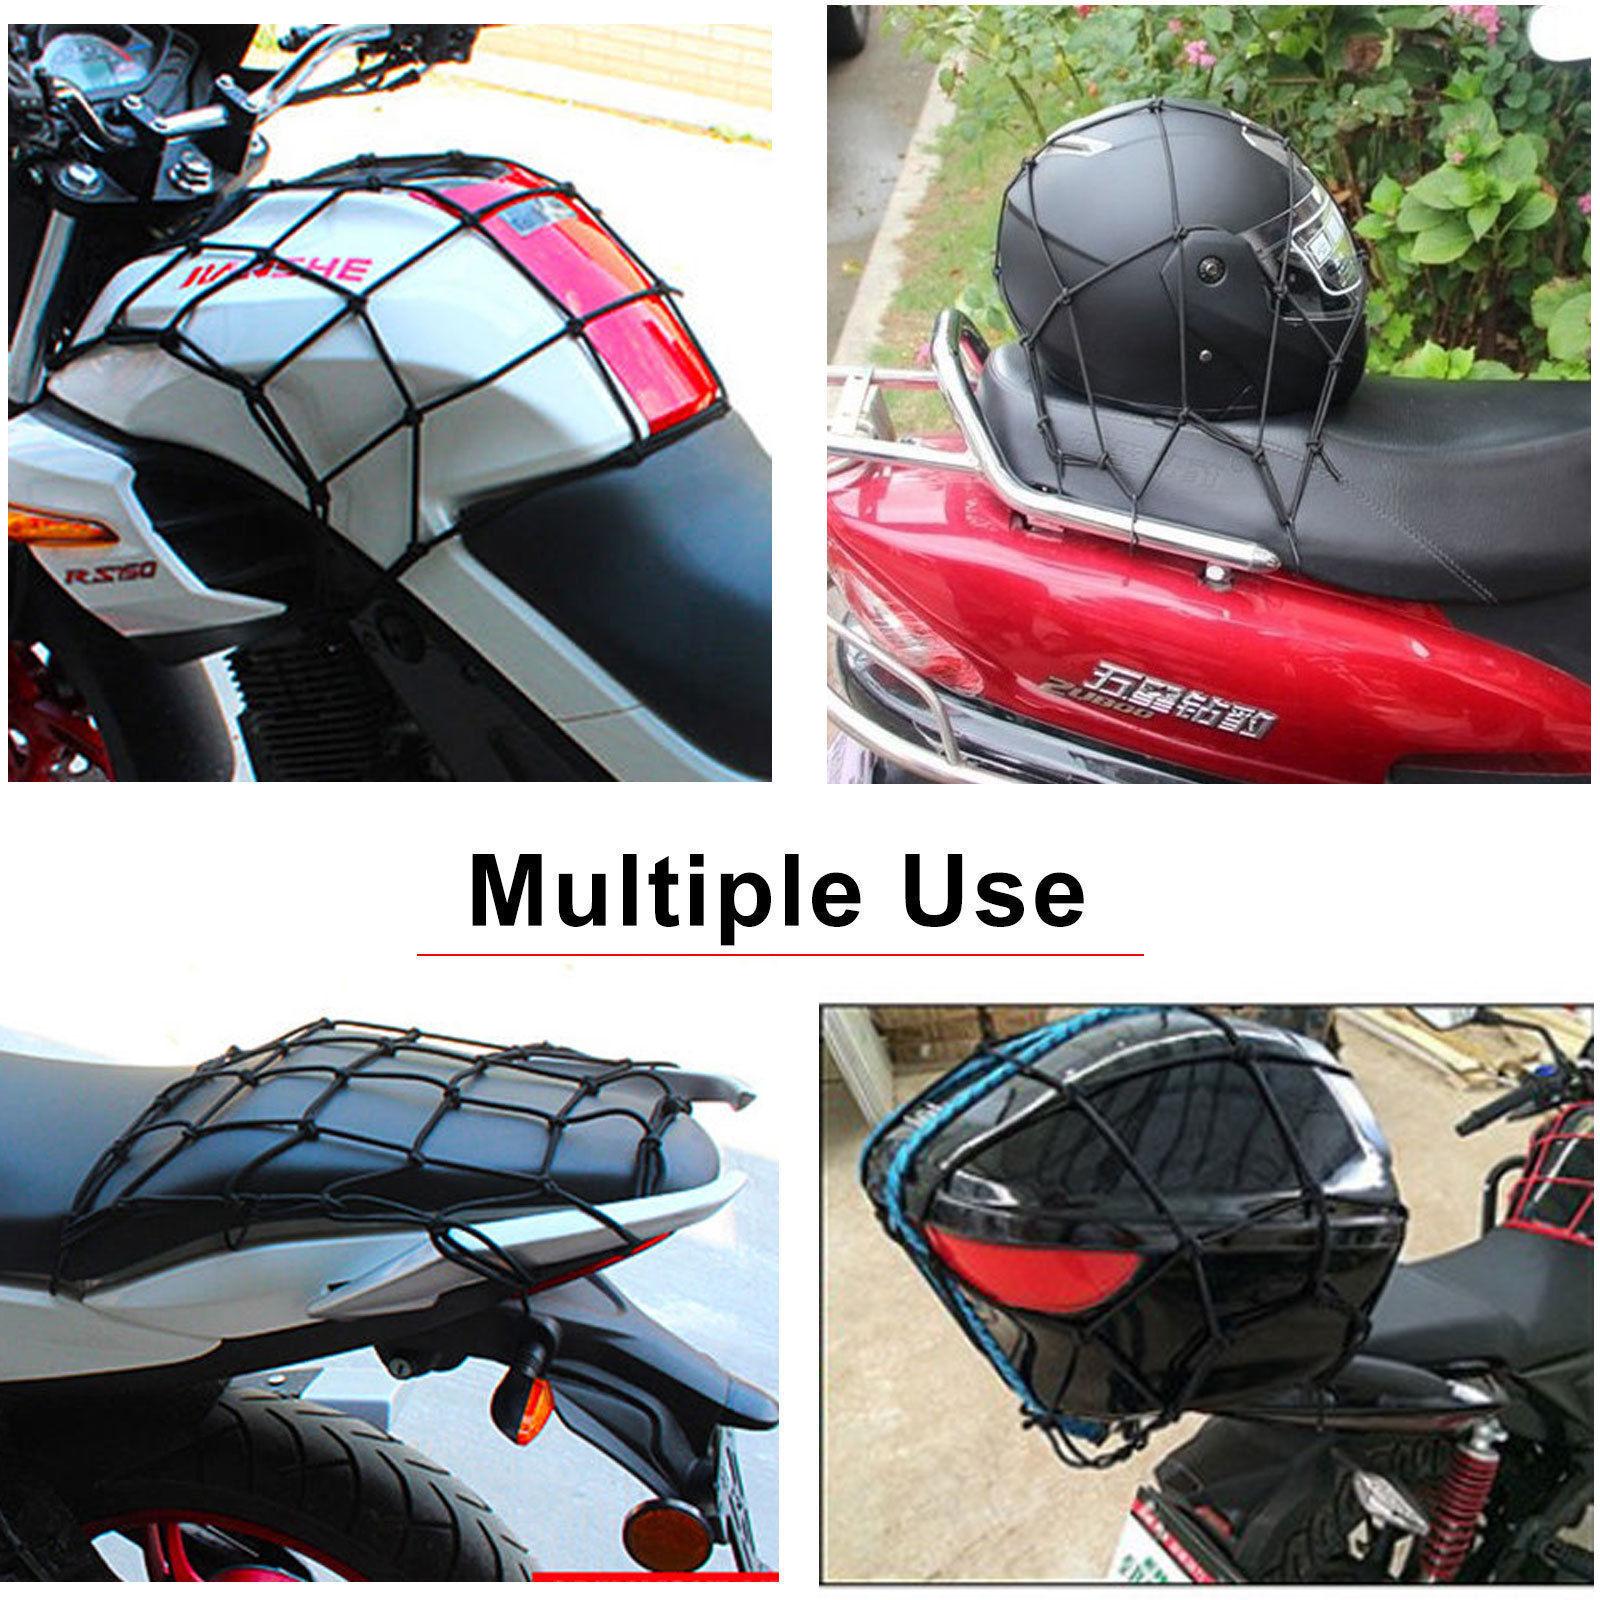 Cargo Net Bike Motorcycle Helmet Mesh Net Luggage Tie Down Bungee Cord Stretch